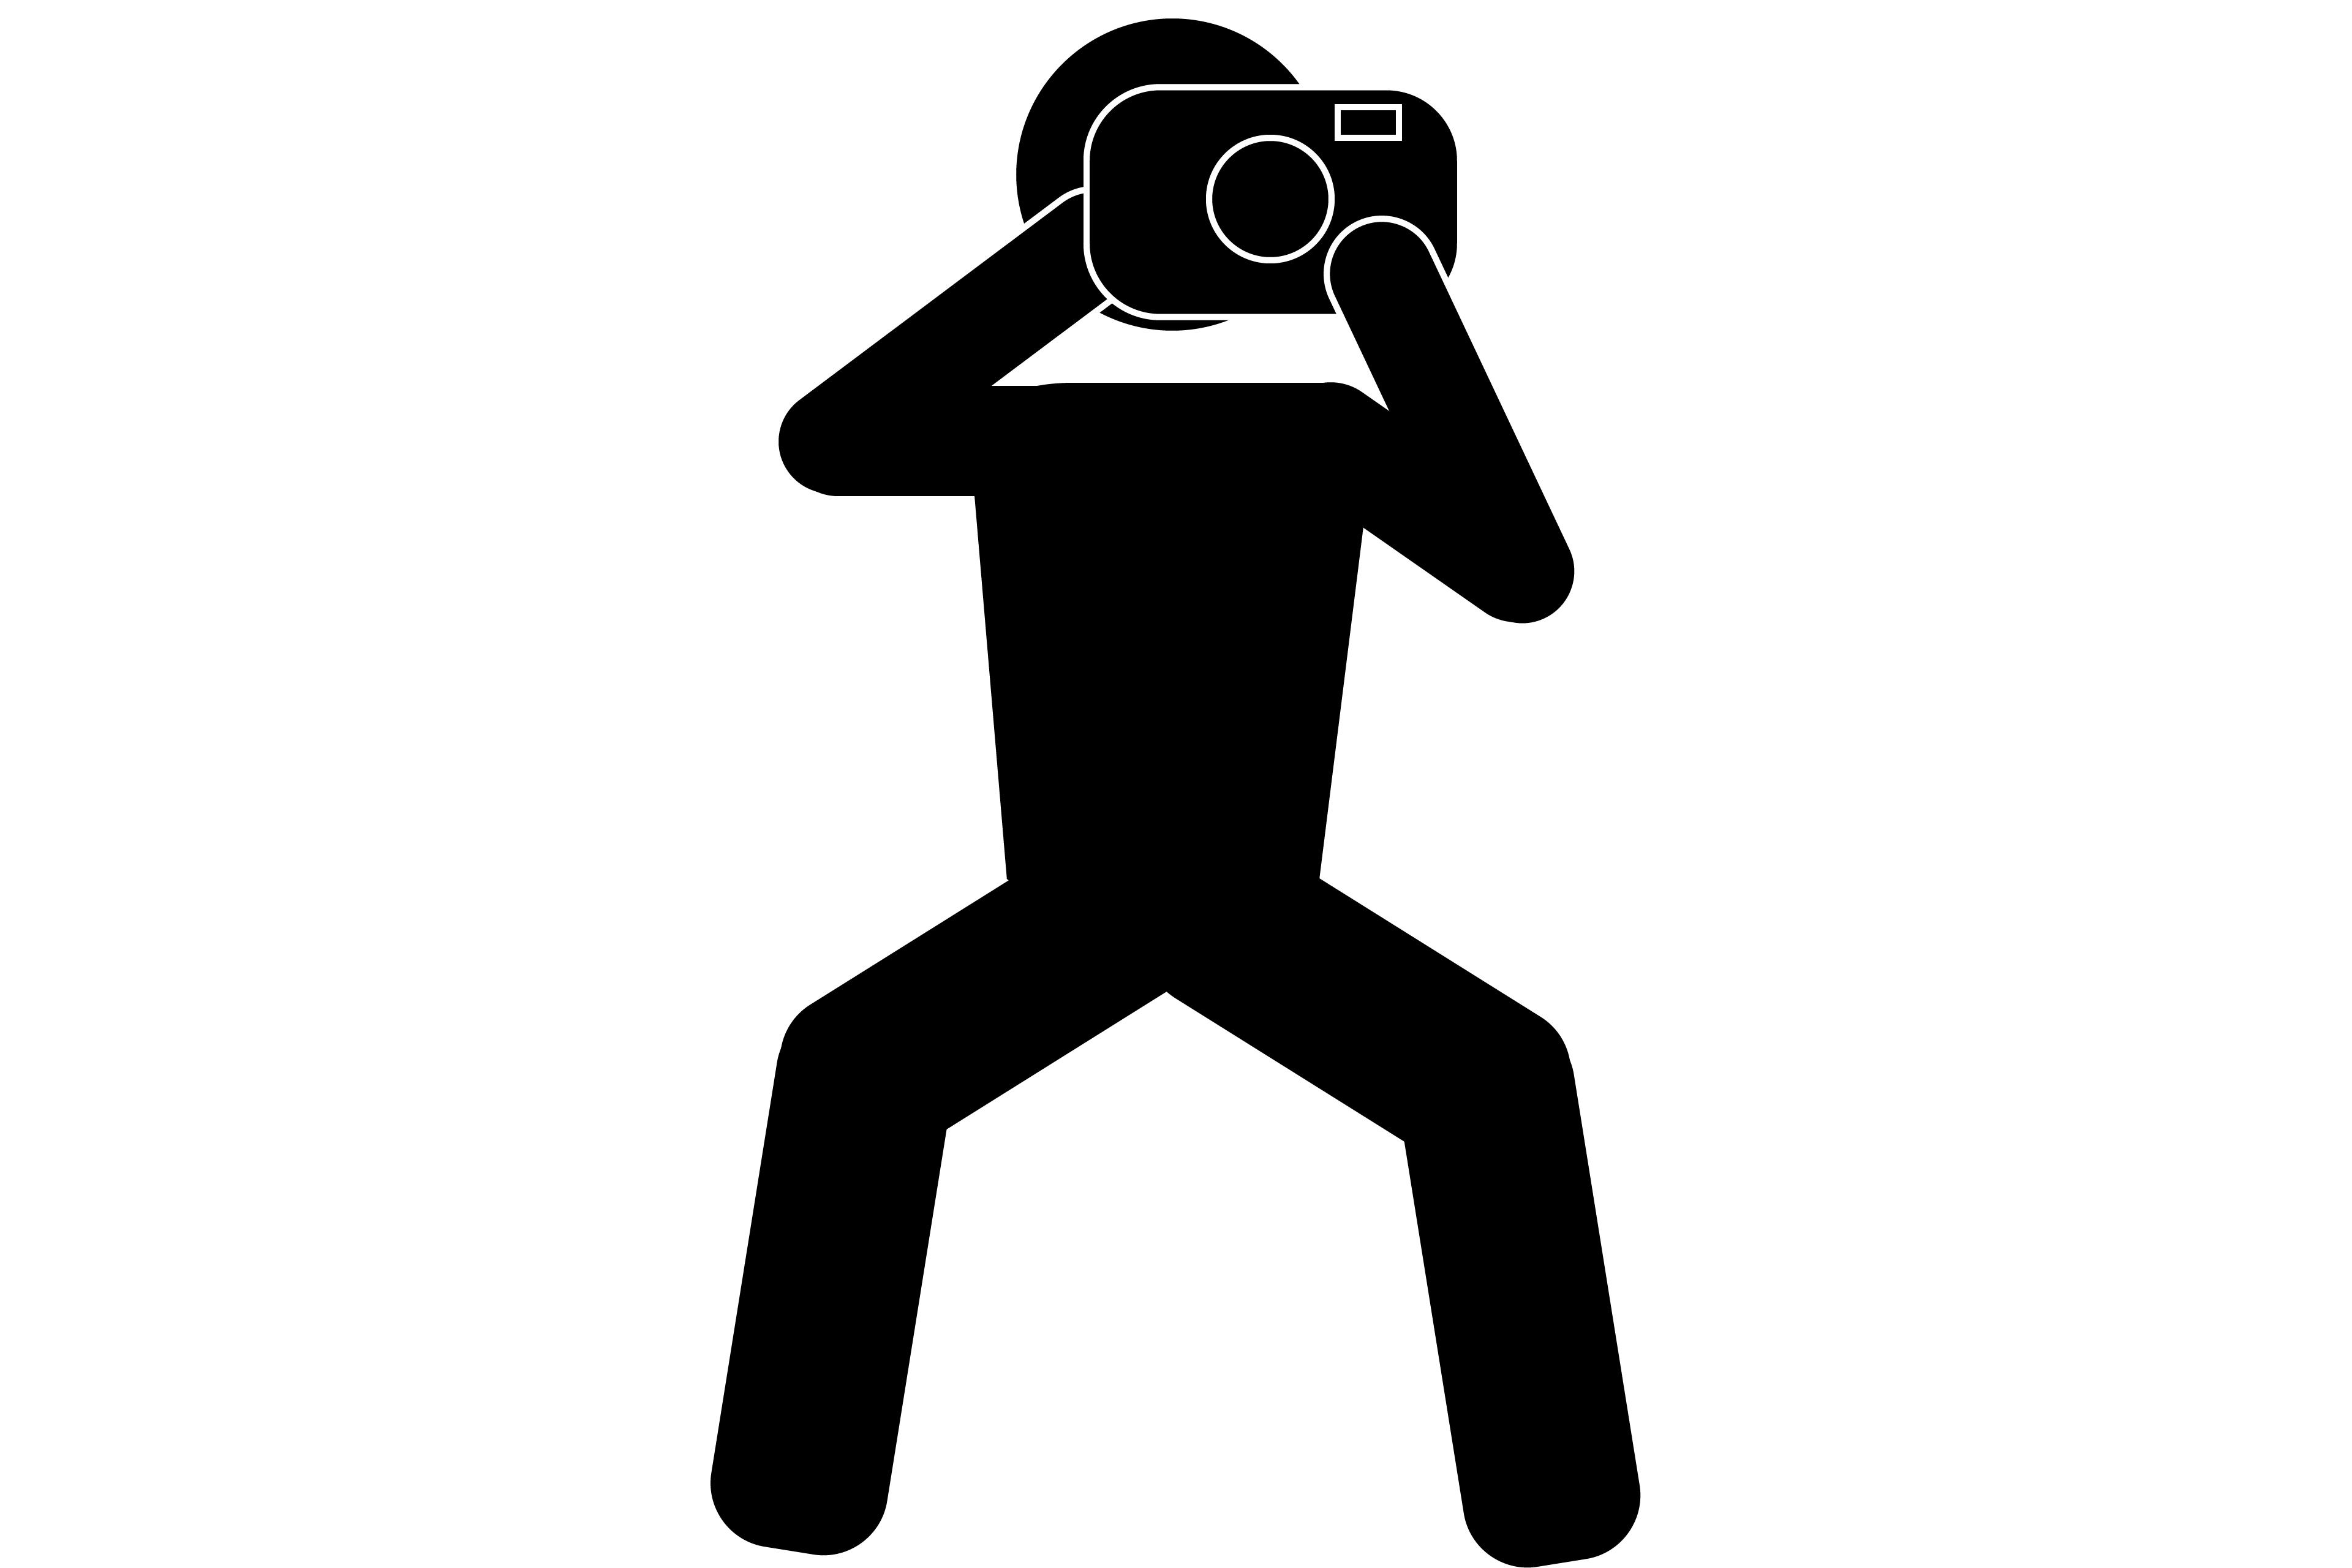 Fotografieren strichmaenchen